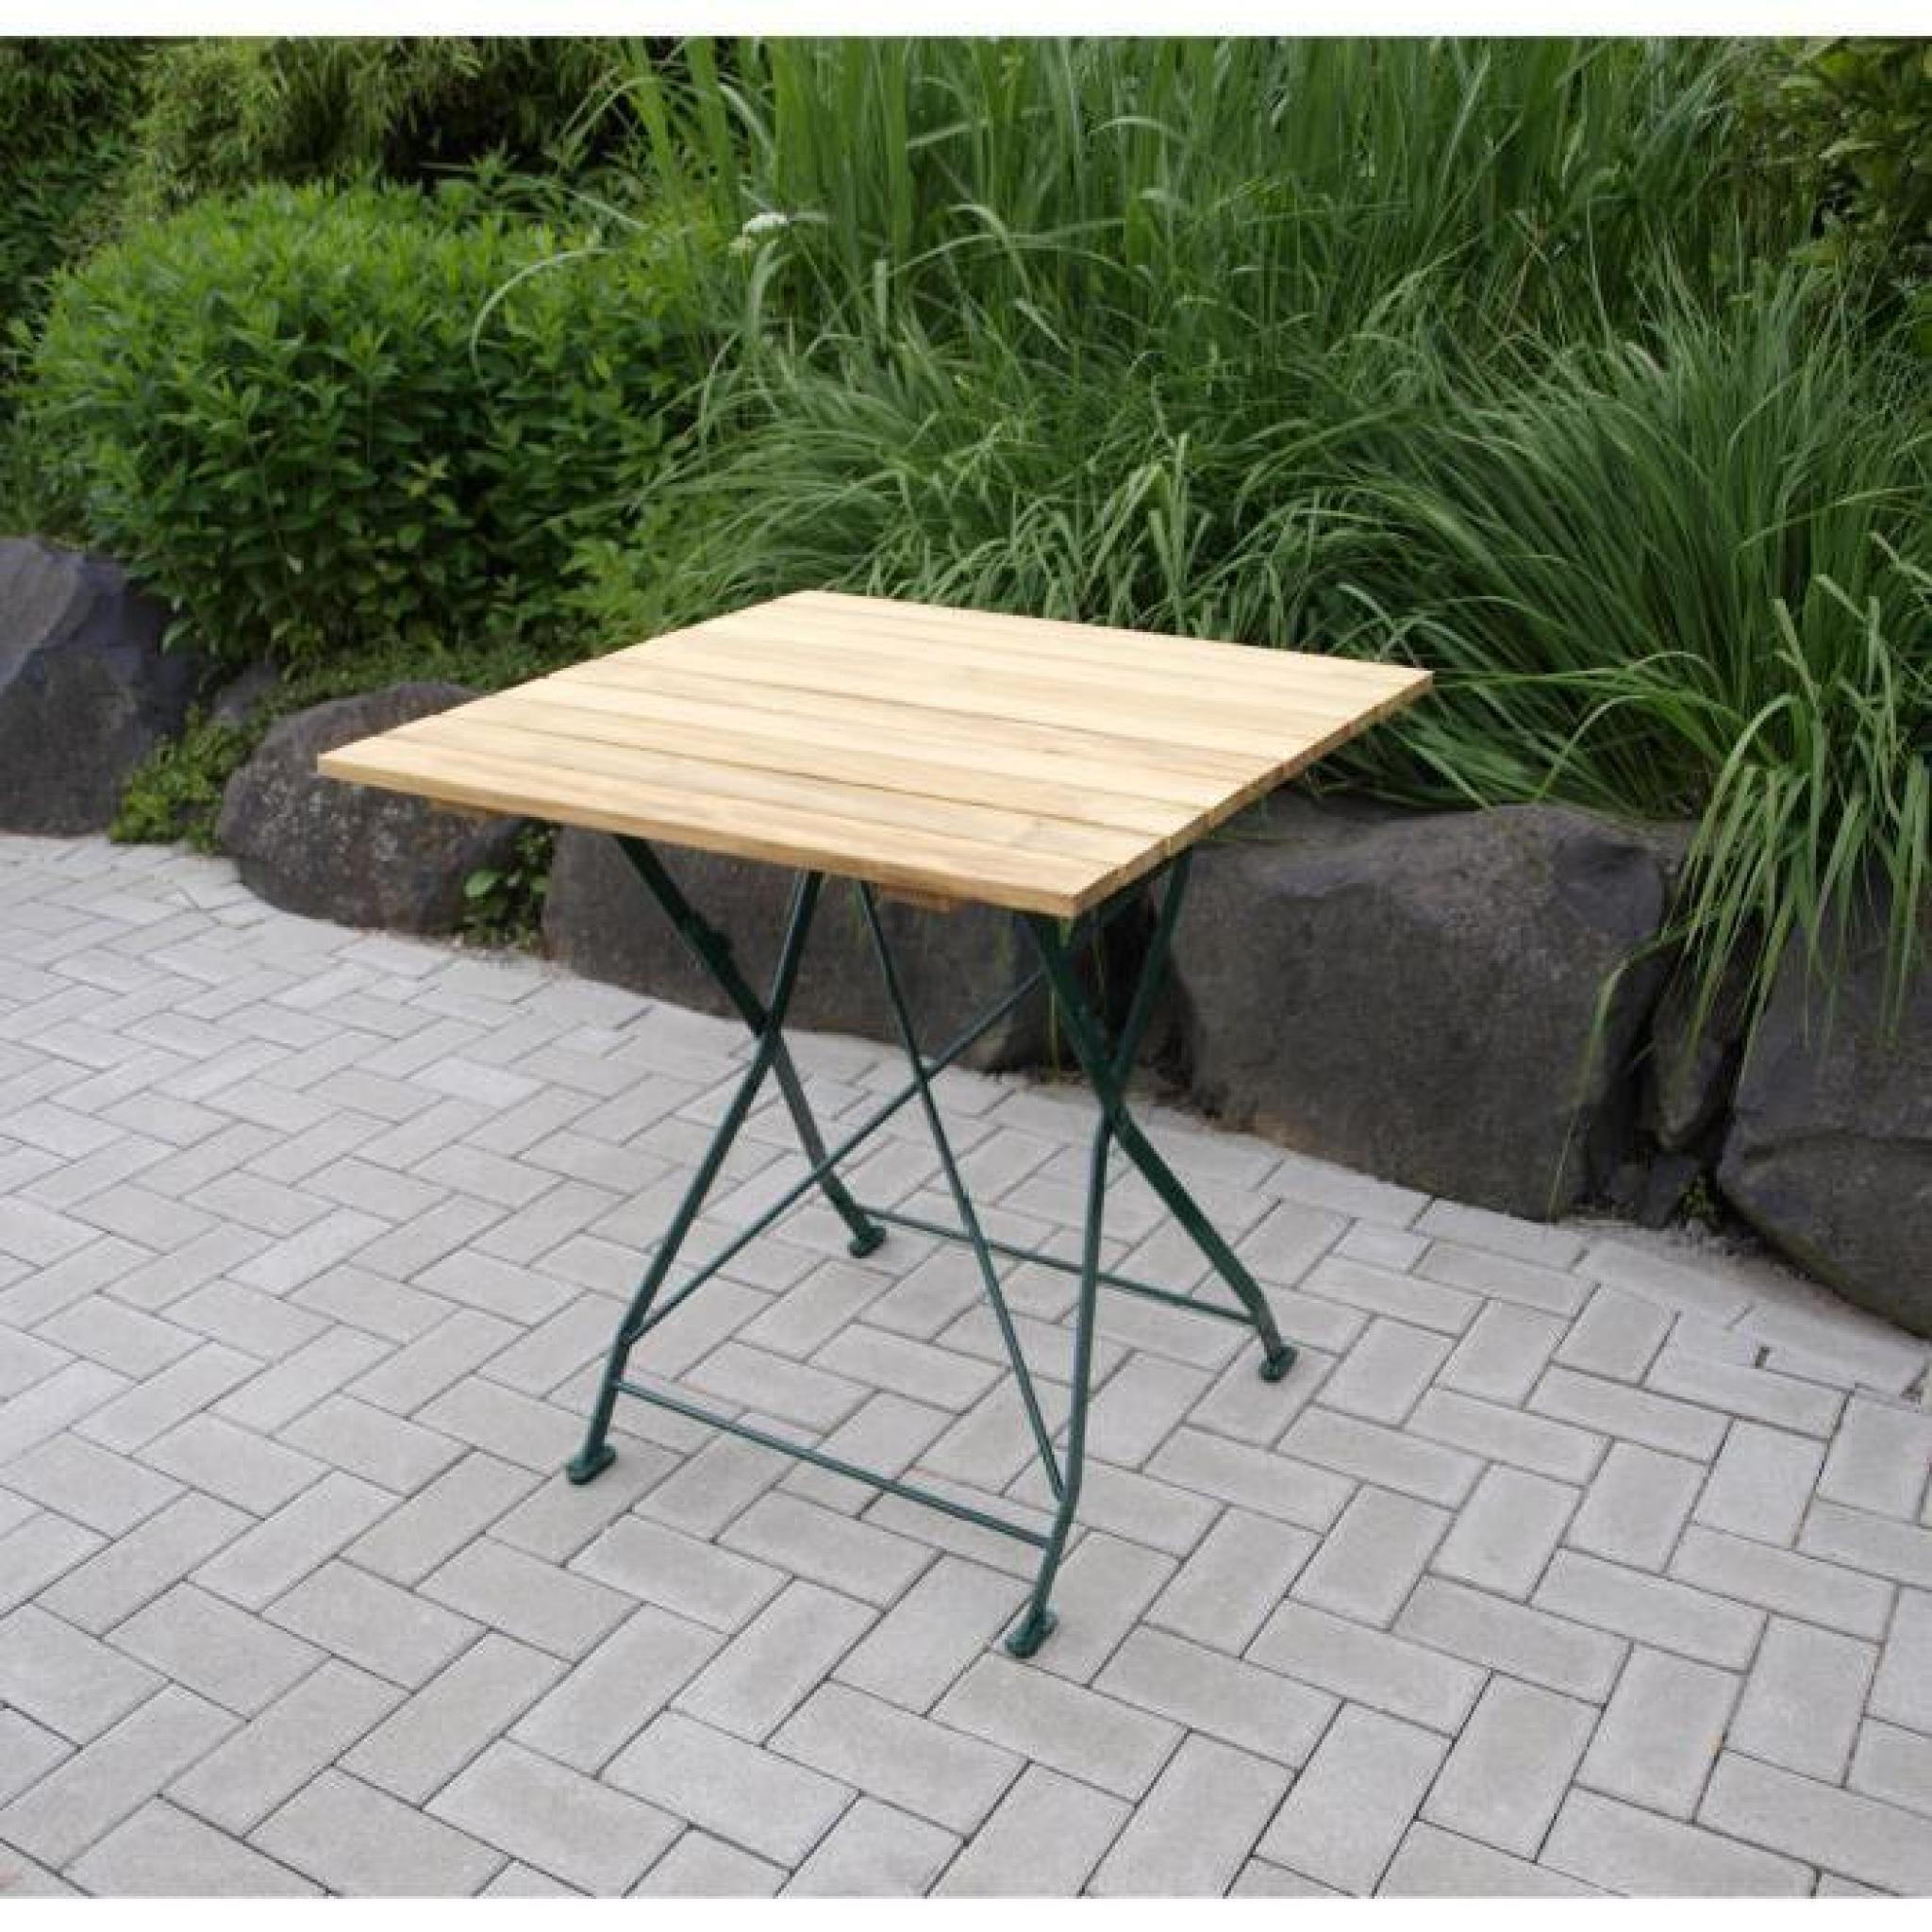 Table Carré Pliante Salon De Jardin 70X70Cm Acier Plat Zingué Et Bois Bad  Tölz encequiconcerne Table De Jardin En Bois Pliante Pas Cher